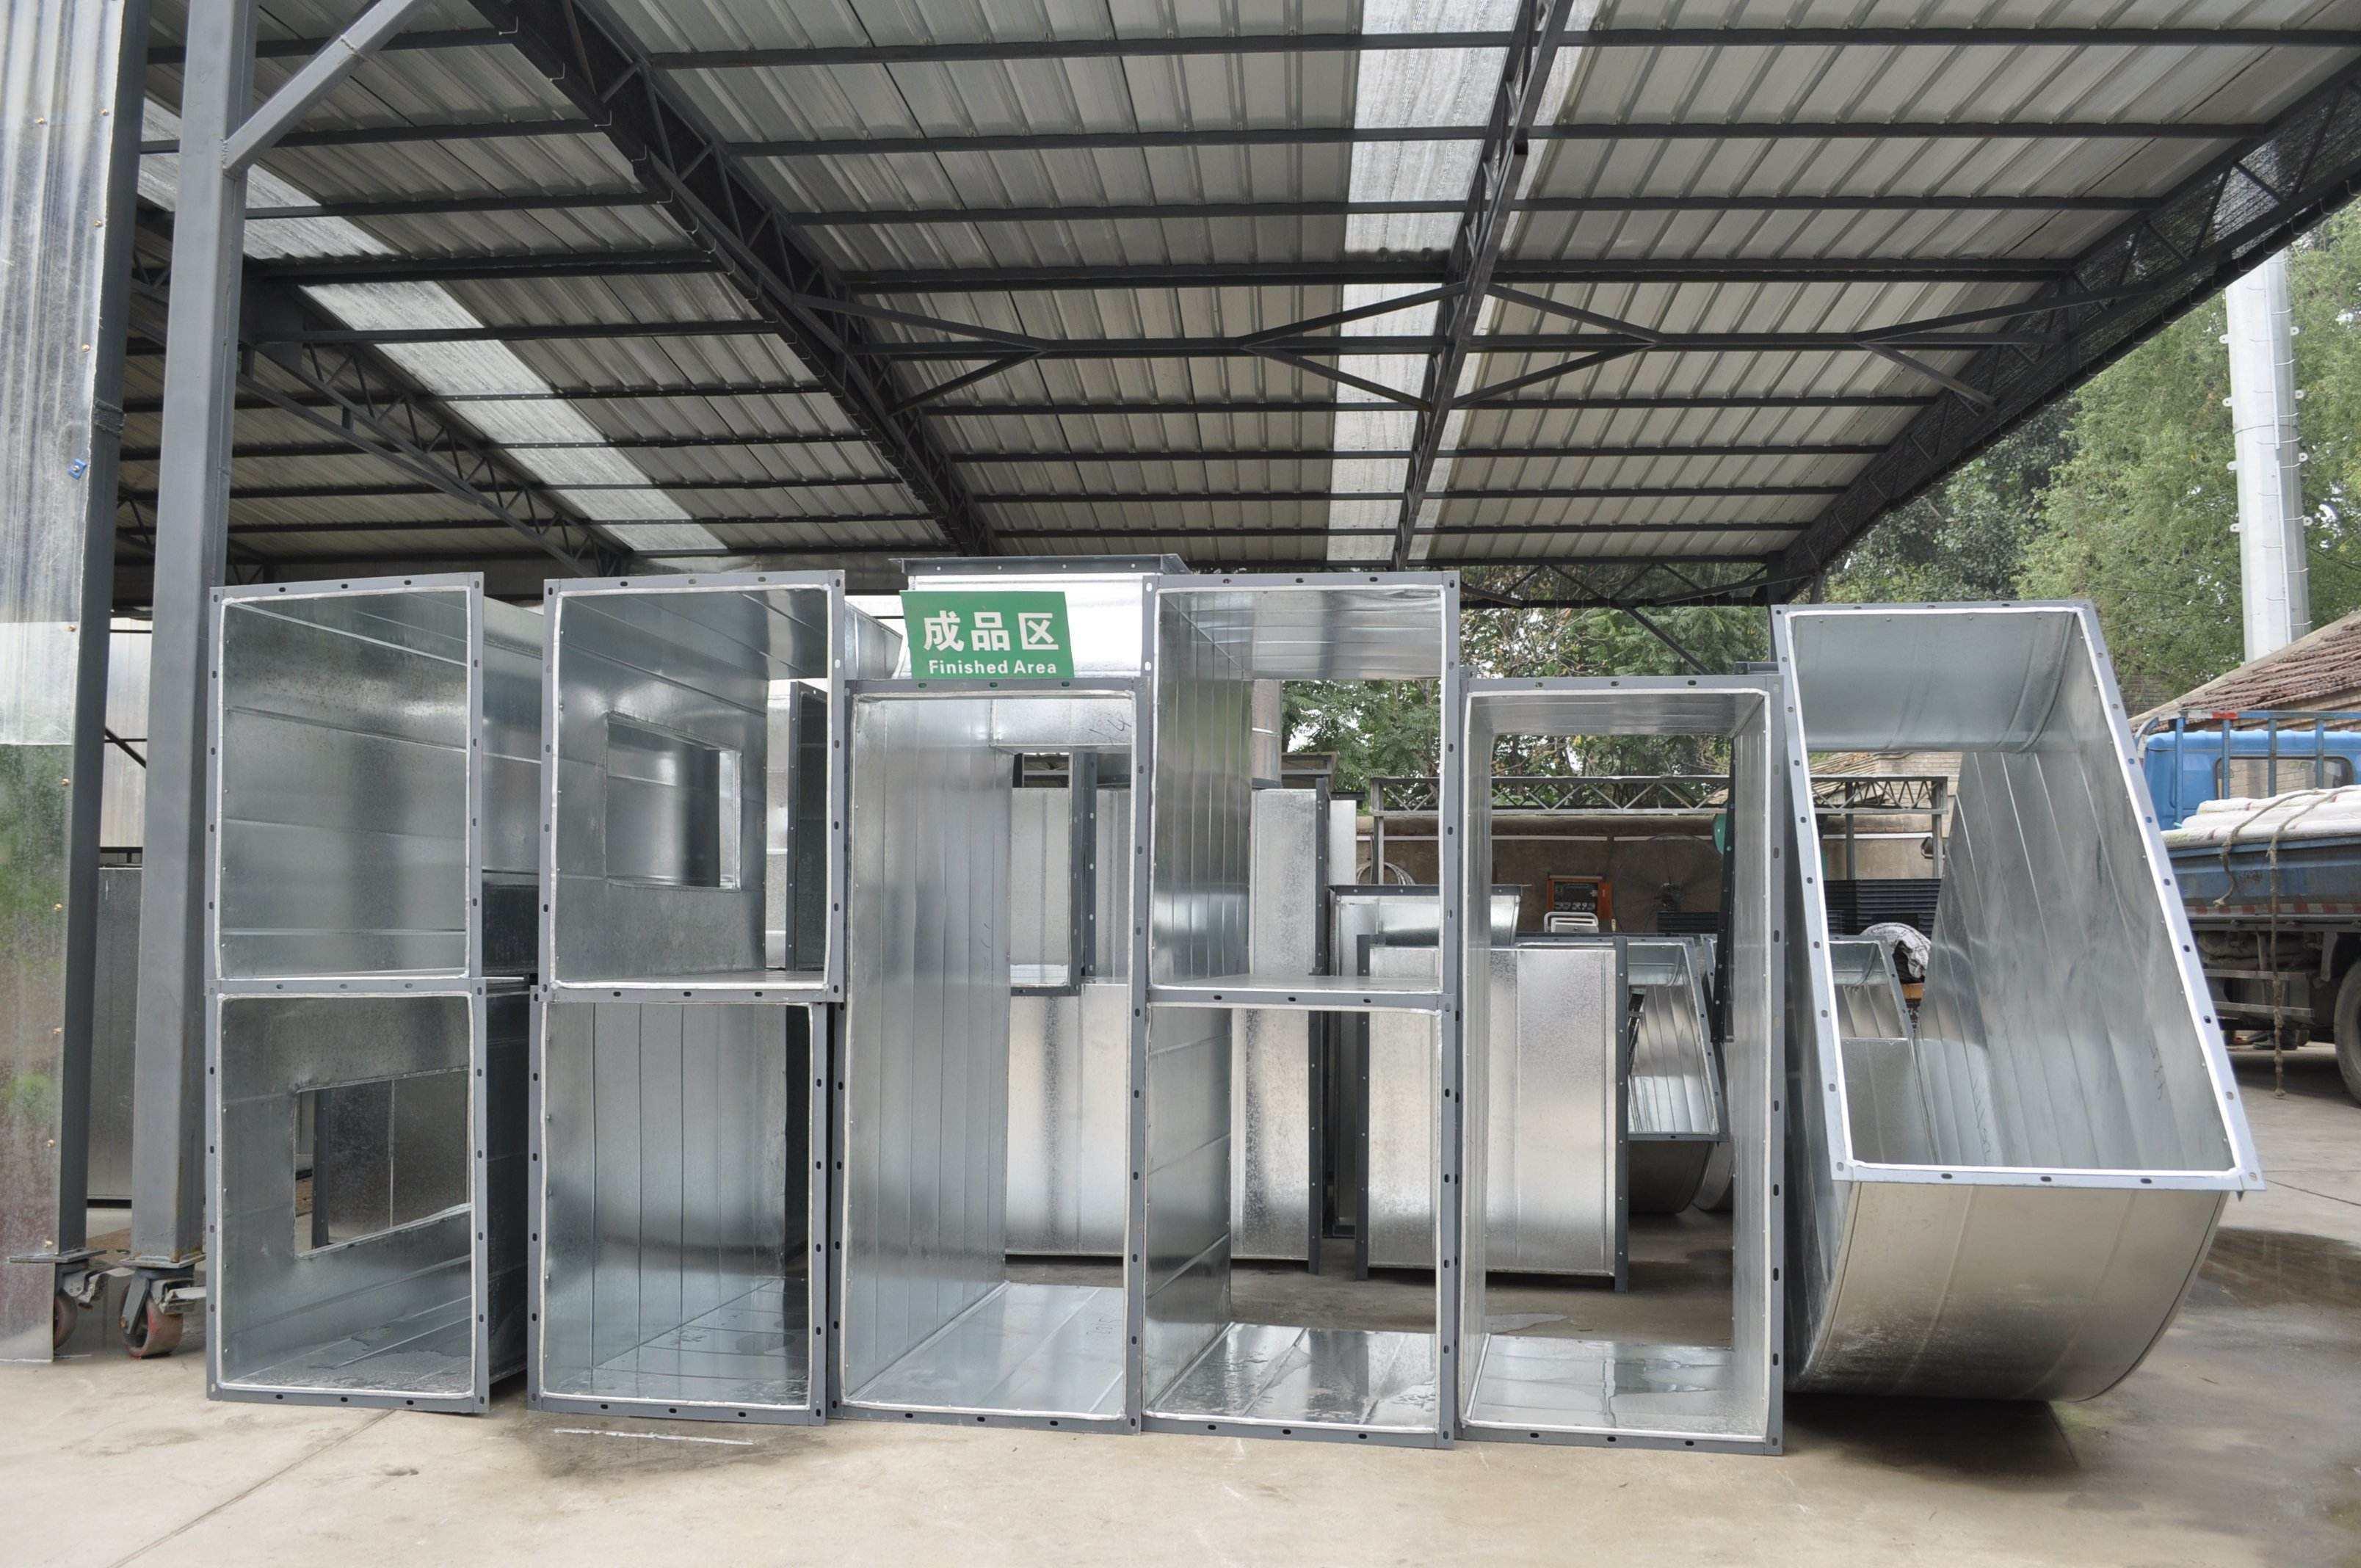 工厂铁皮风管制作安装 欢迎来电「上海远赣通风设备工程供应」